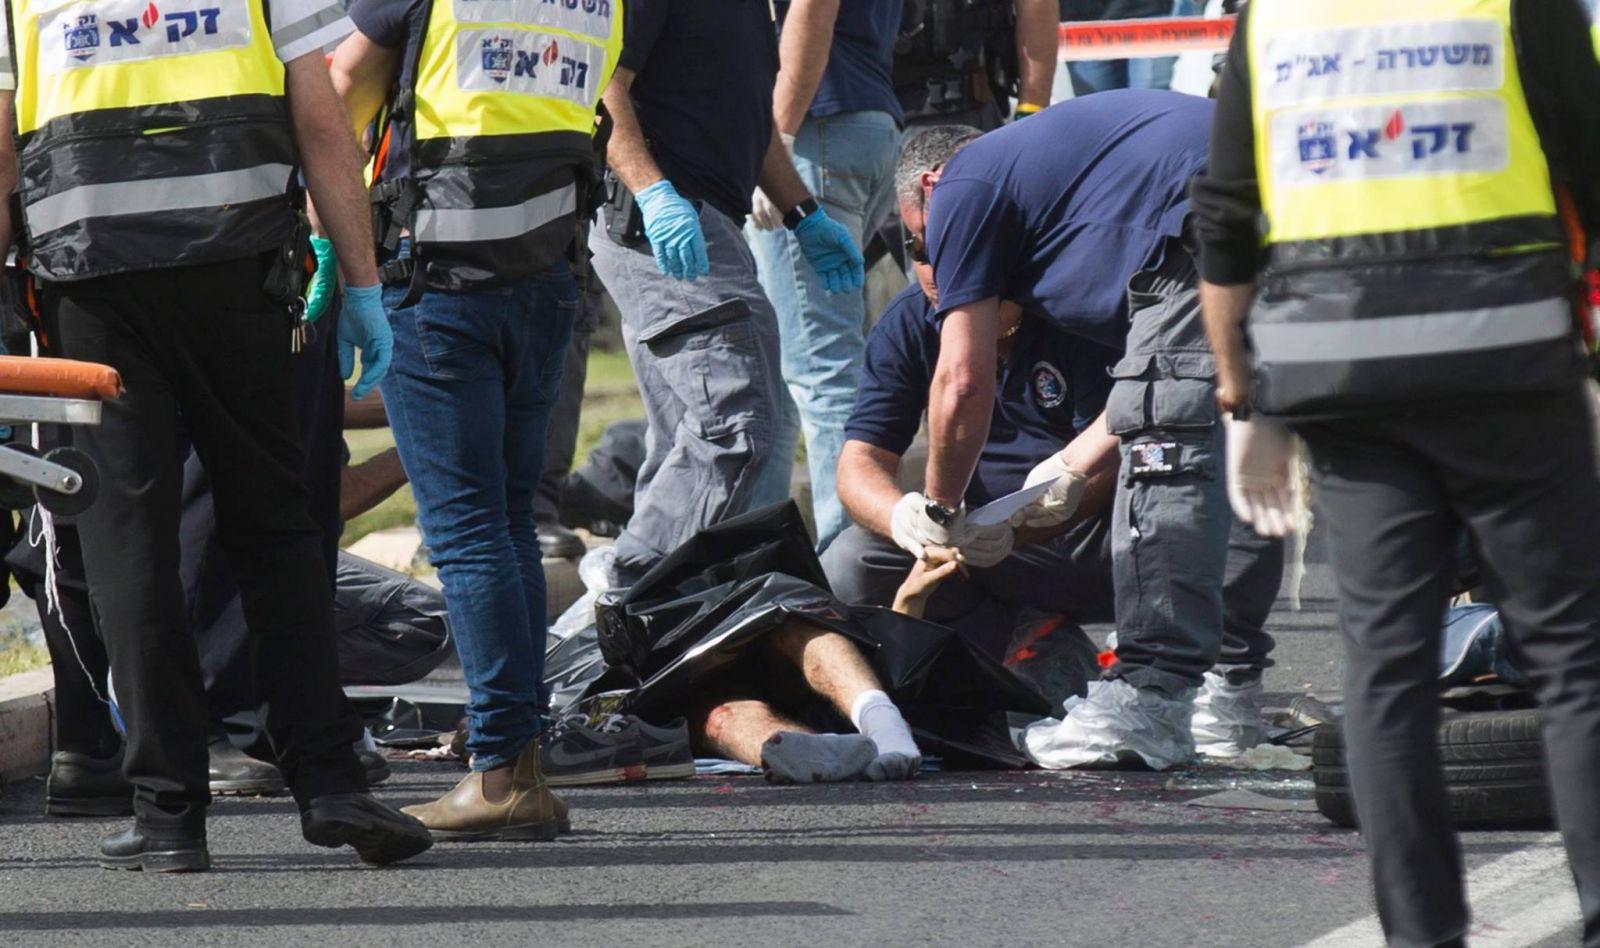 بالصور.. استشهاد فلسطينية بزعم محاولتها طعن جندي صهيوني بالقدس 12841320_1132253606809465_50969366703858469_o